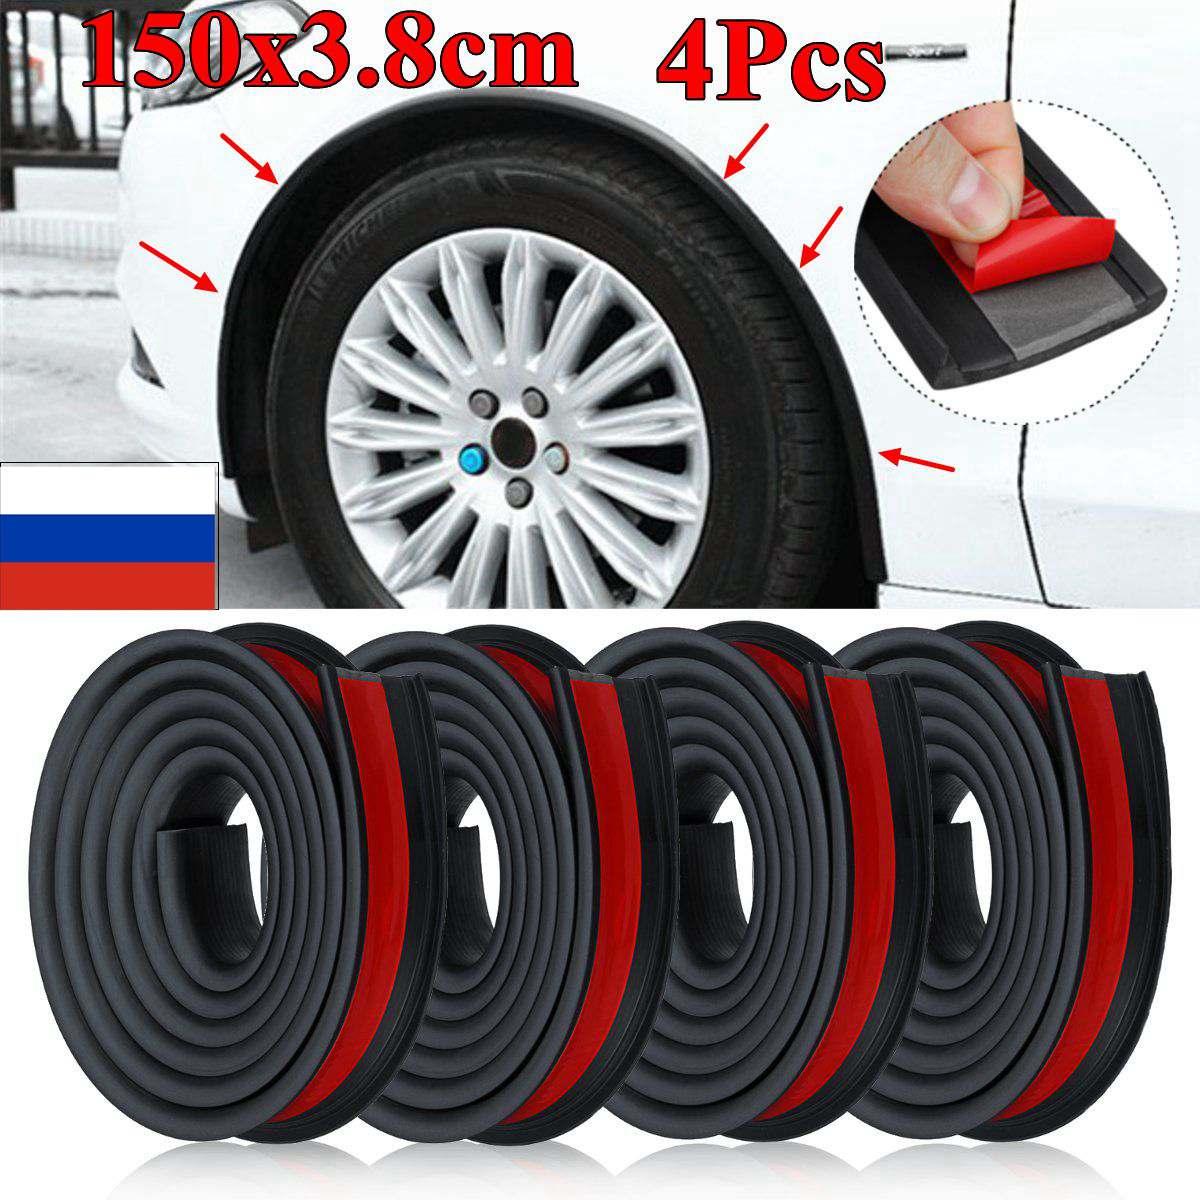 4 Uds 1,5 M x 3,8 CM Universal rueda de goma para coche arco protección molduras Anti-colisión guardabarros protección de rueda de coche Rueda de la etiqueta engomada